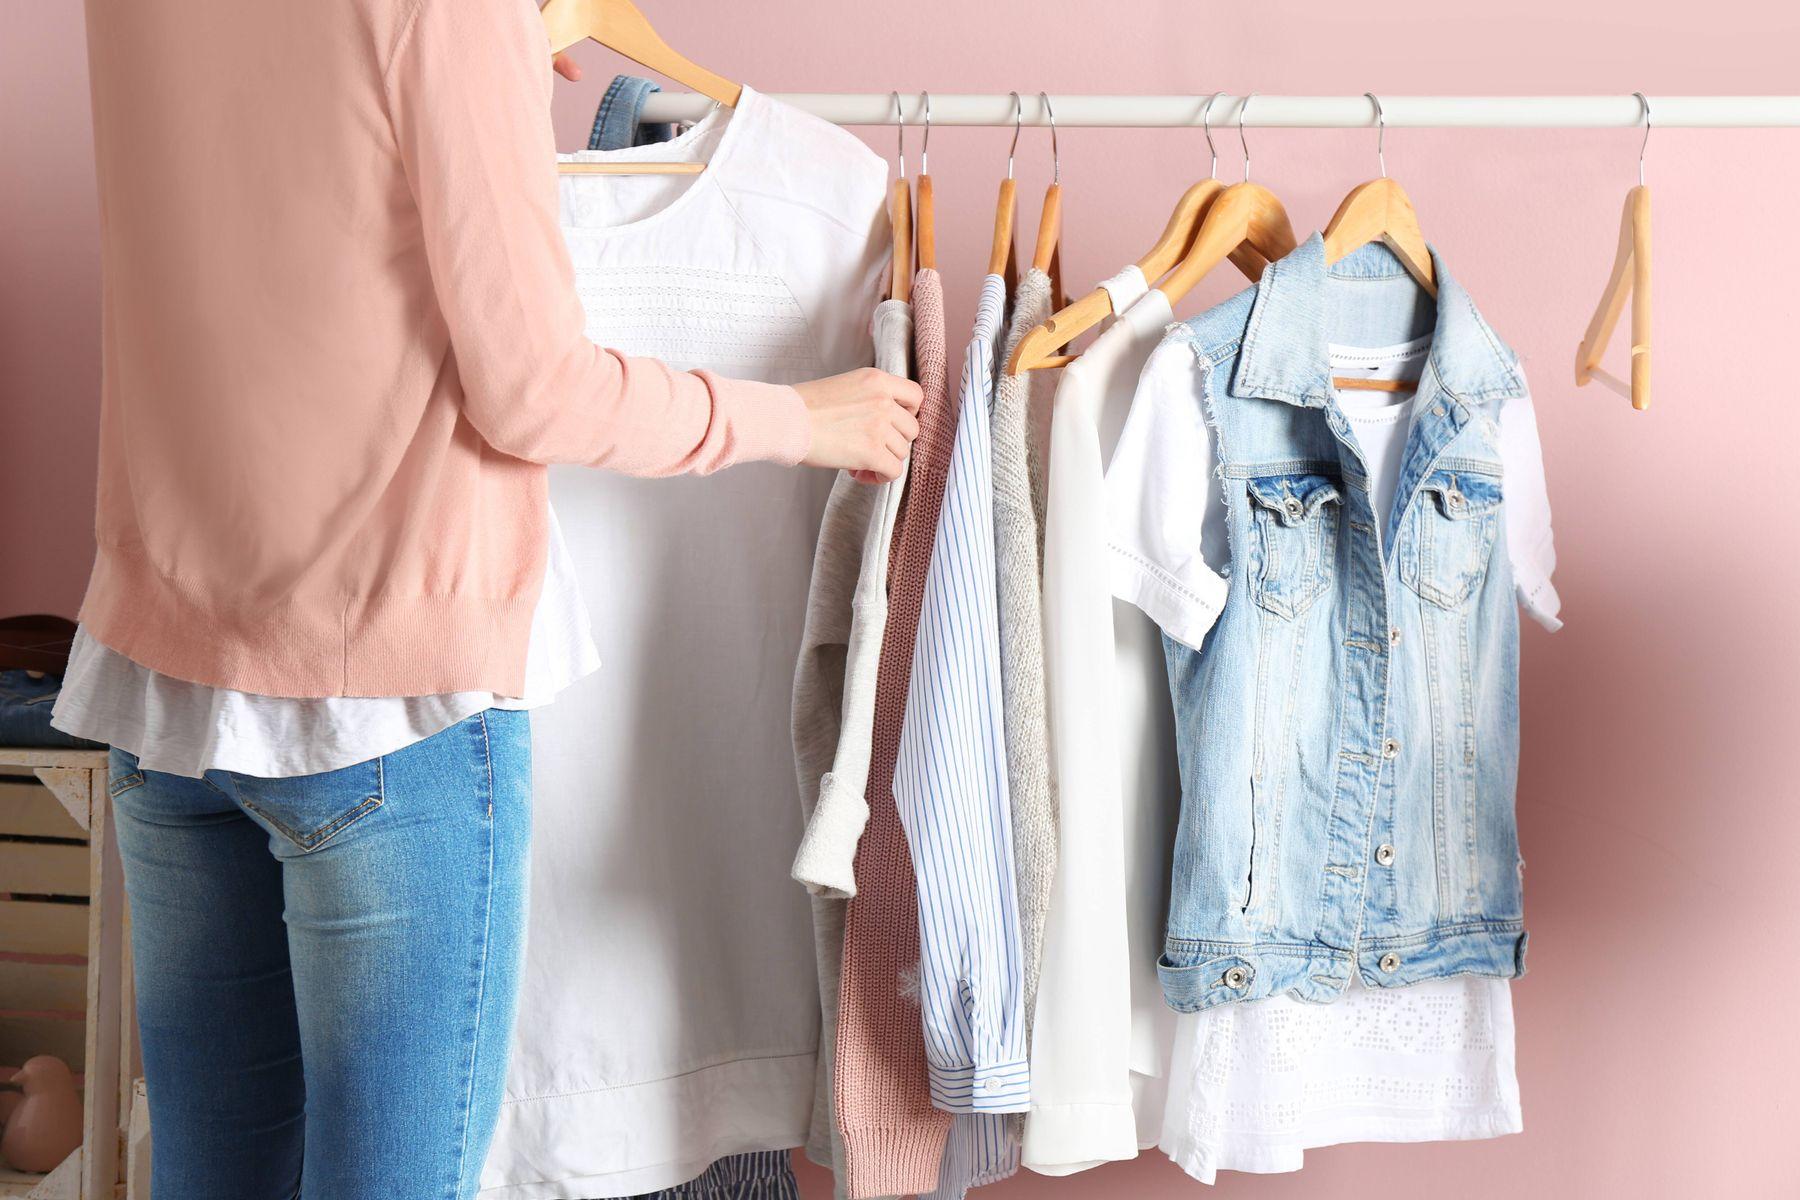 Roupas macias e limpas penduradas na arara de roupas